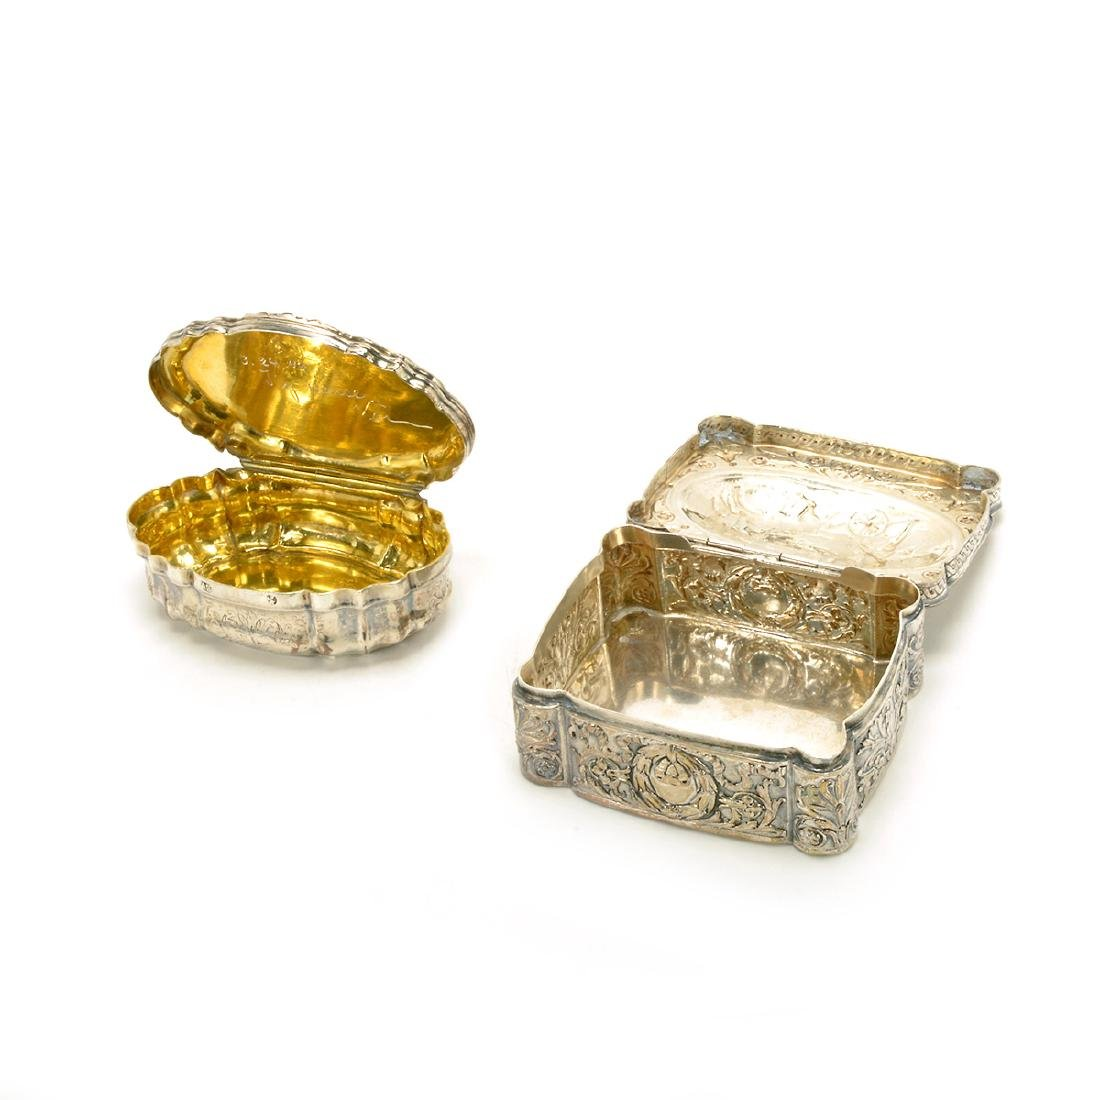 Seven Silver Snuff Boxes and Cigarette Cases - 4